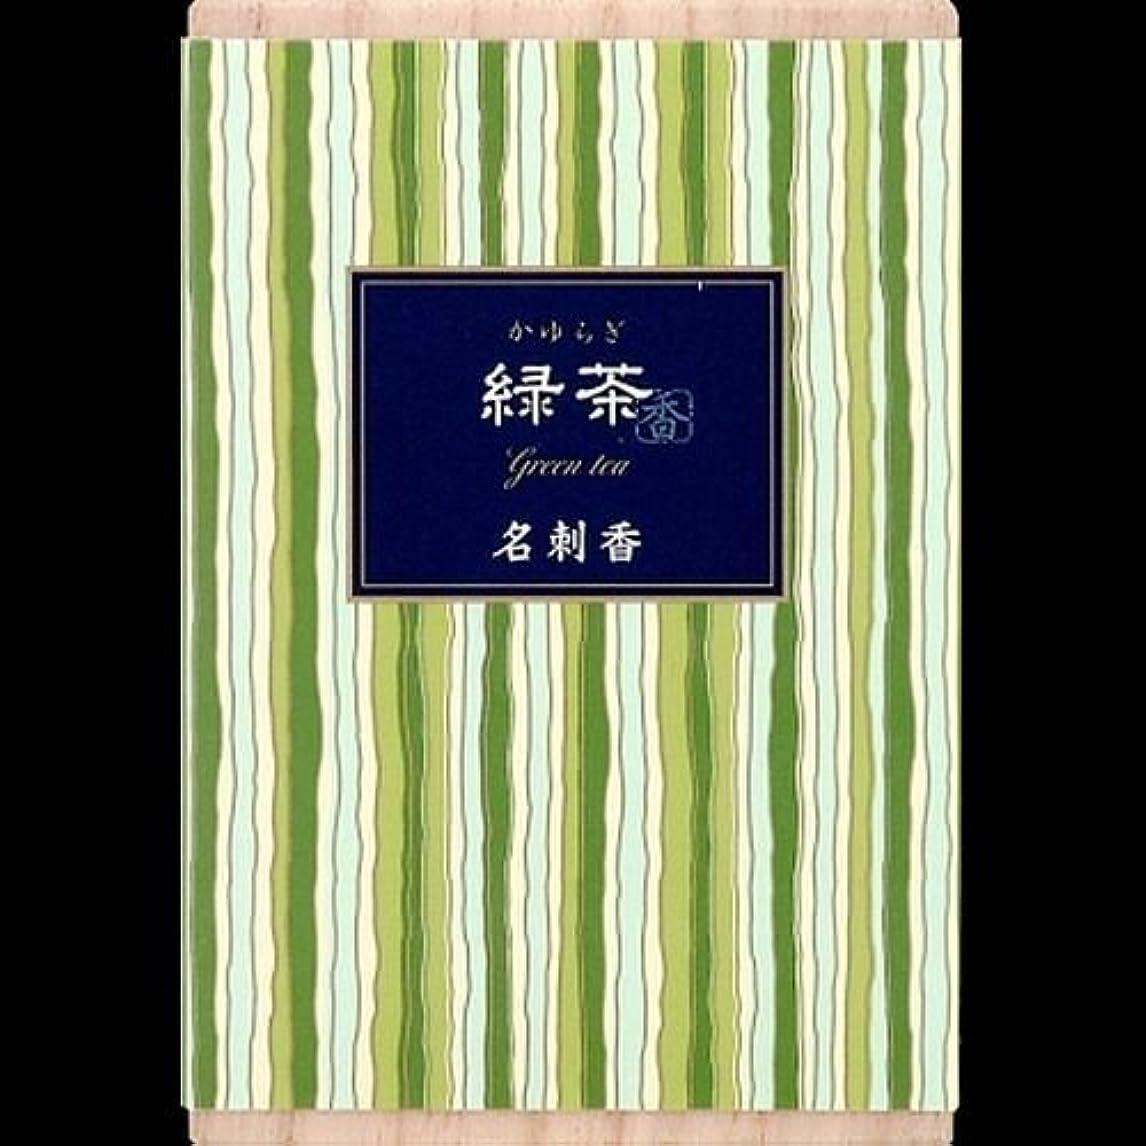 失敗マウント回転する【まとめ買い】かゆらぎ 緑茶 名刺香 桐箱 6入 ×2セット